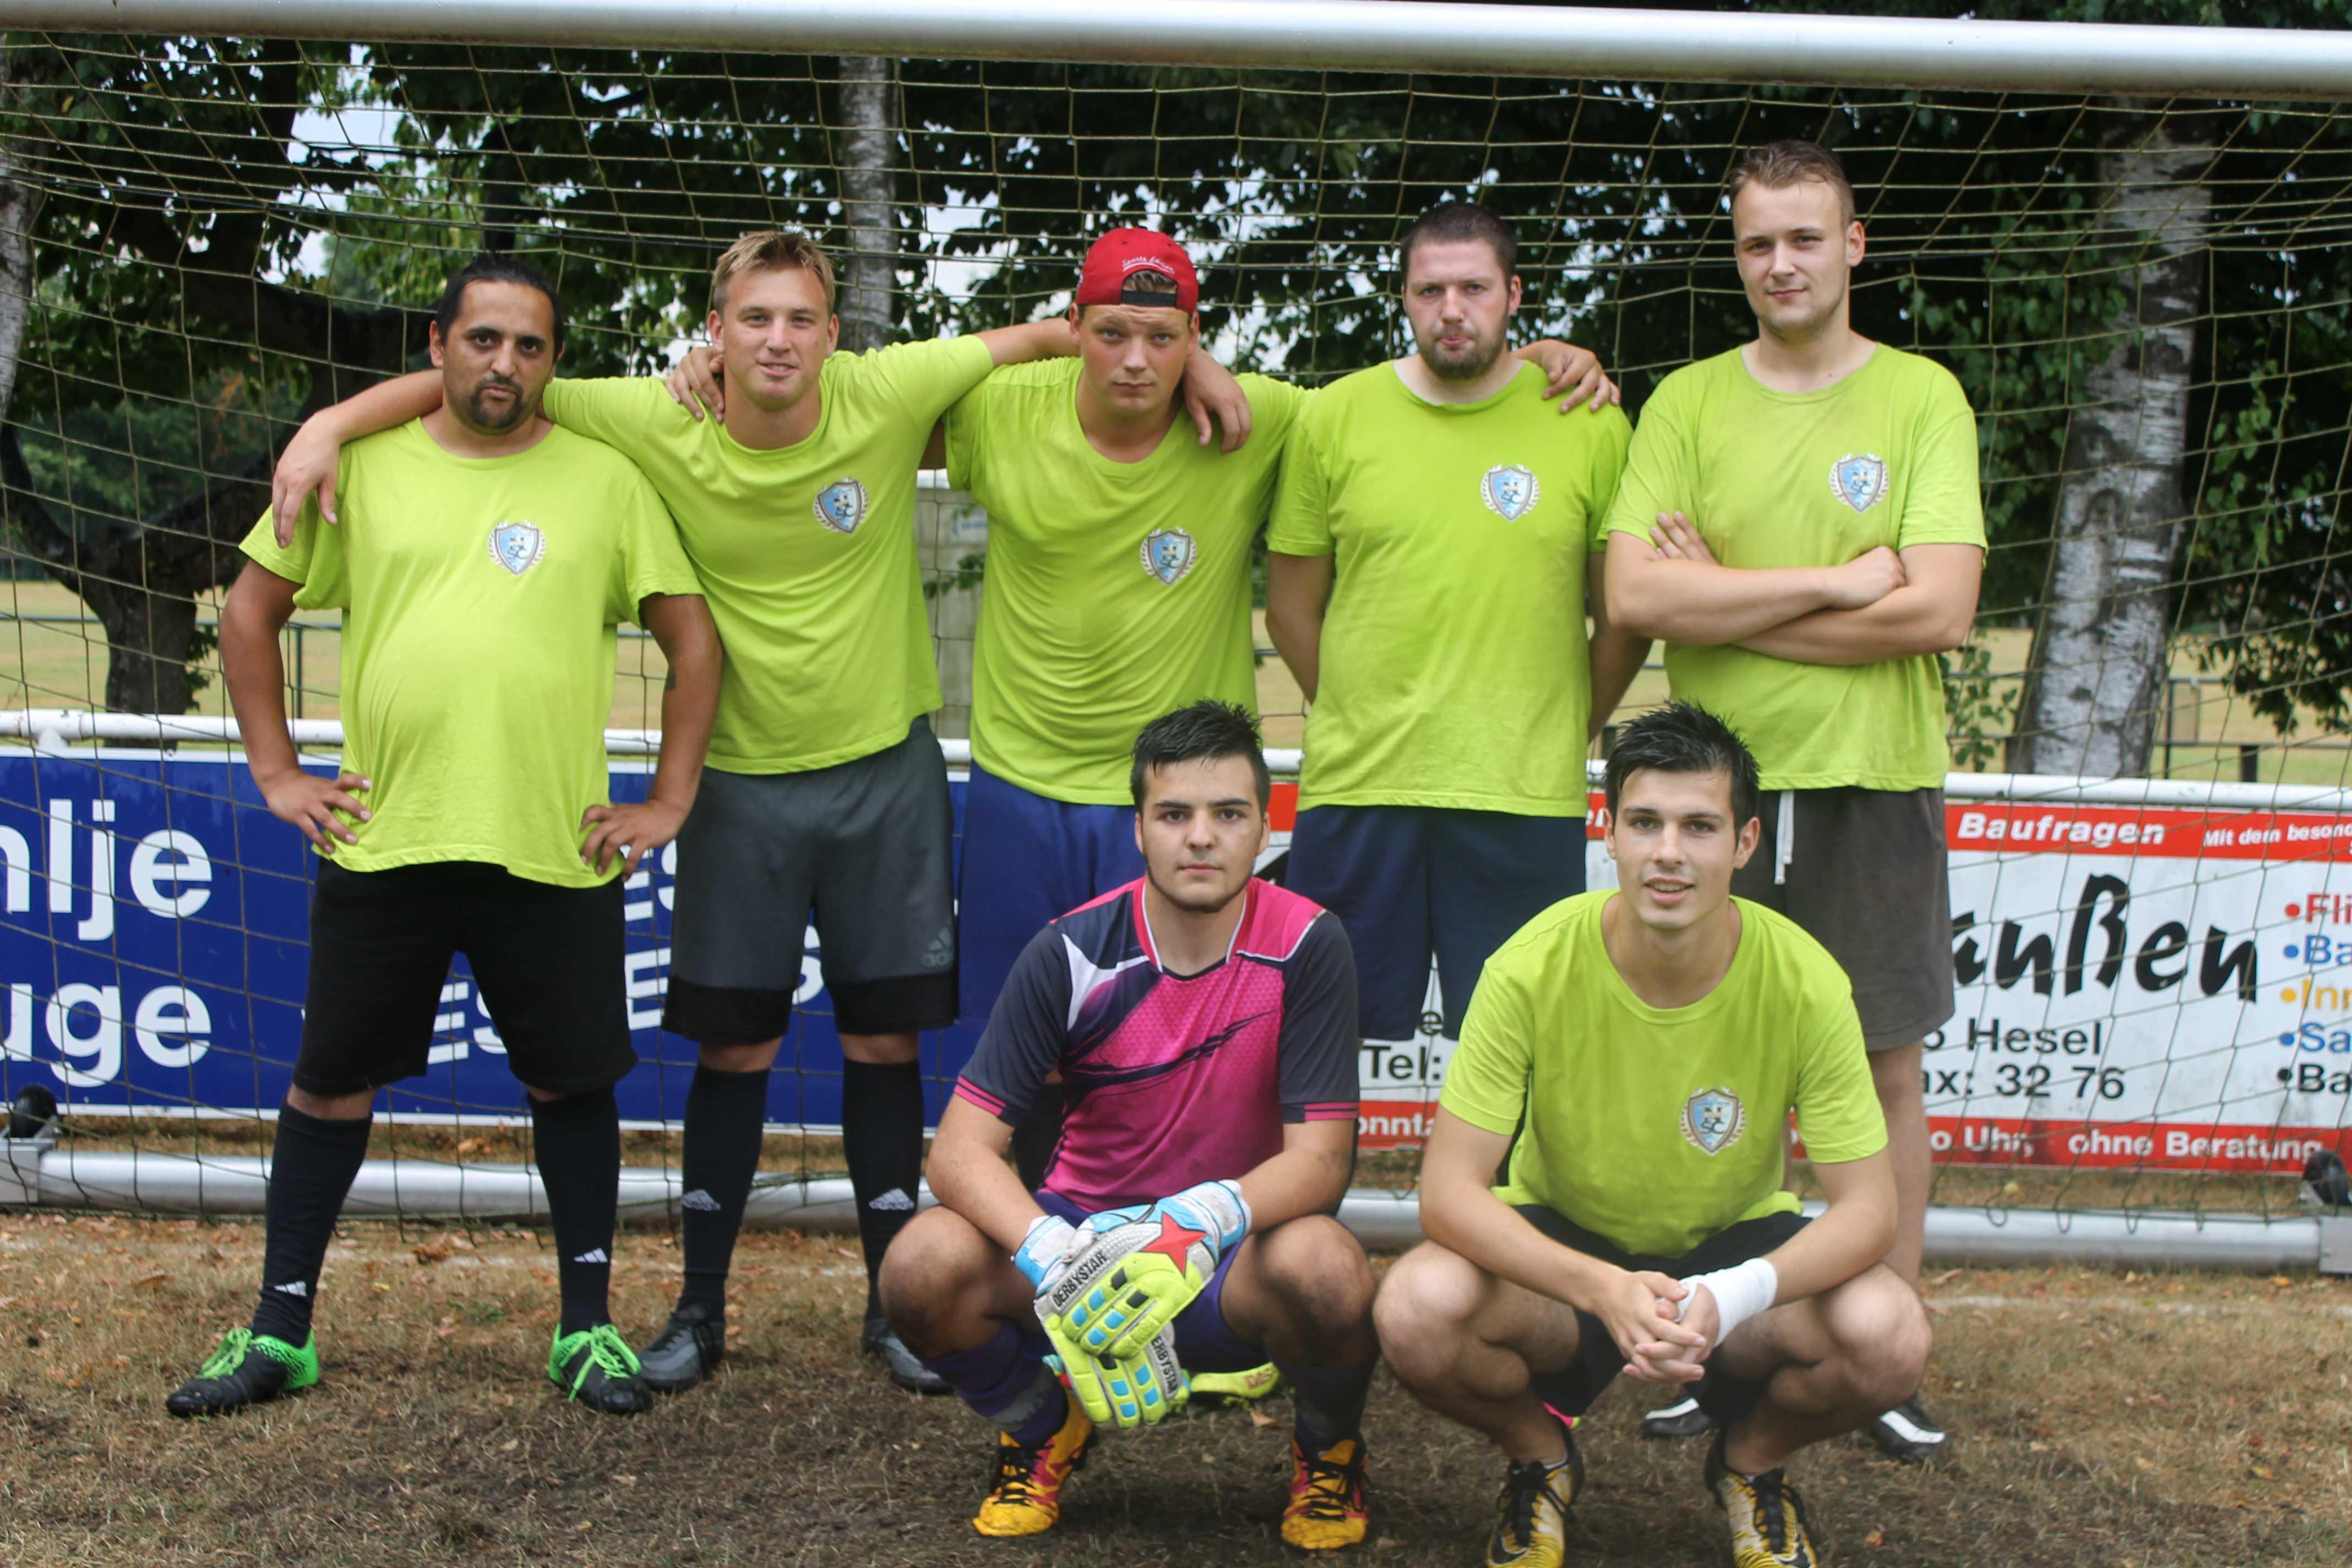 2018-07-28 Sportwoche - Hobbyturnier (2)